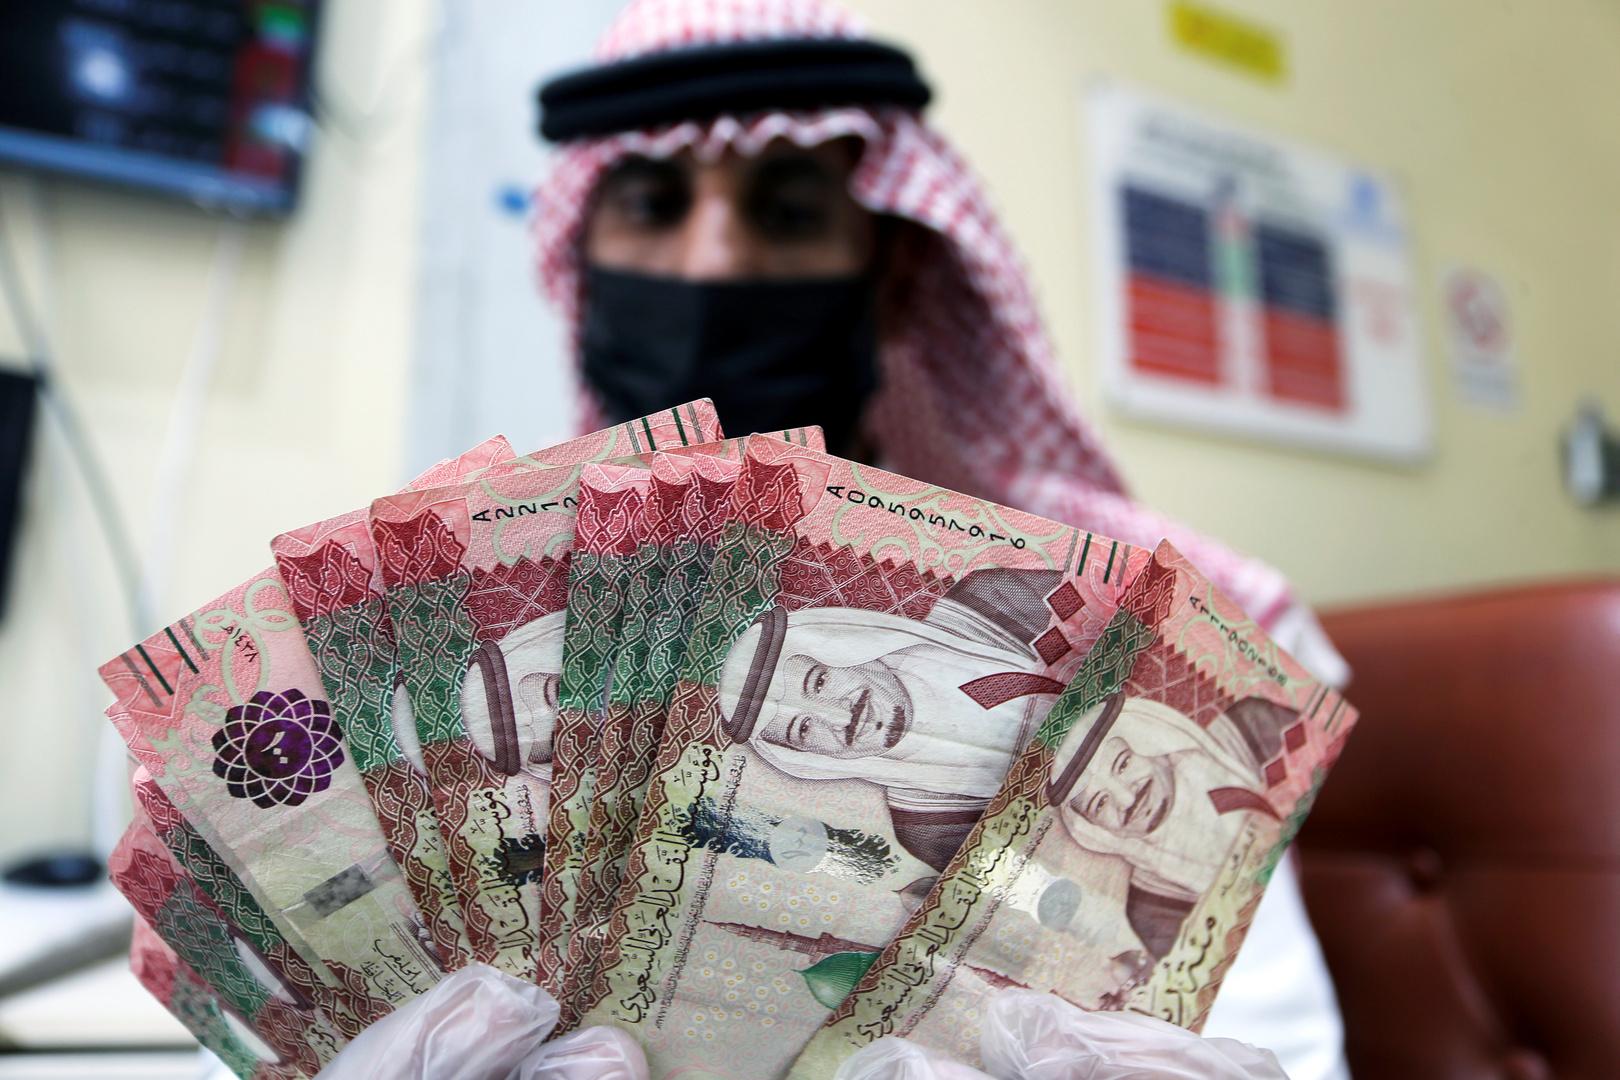 صورة تعبيرية - أوراق نقدية سعودية